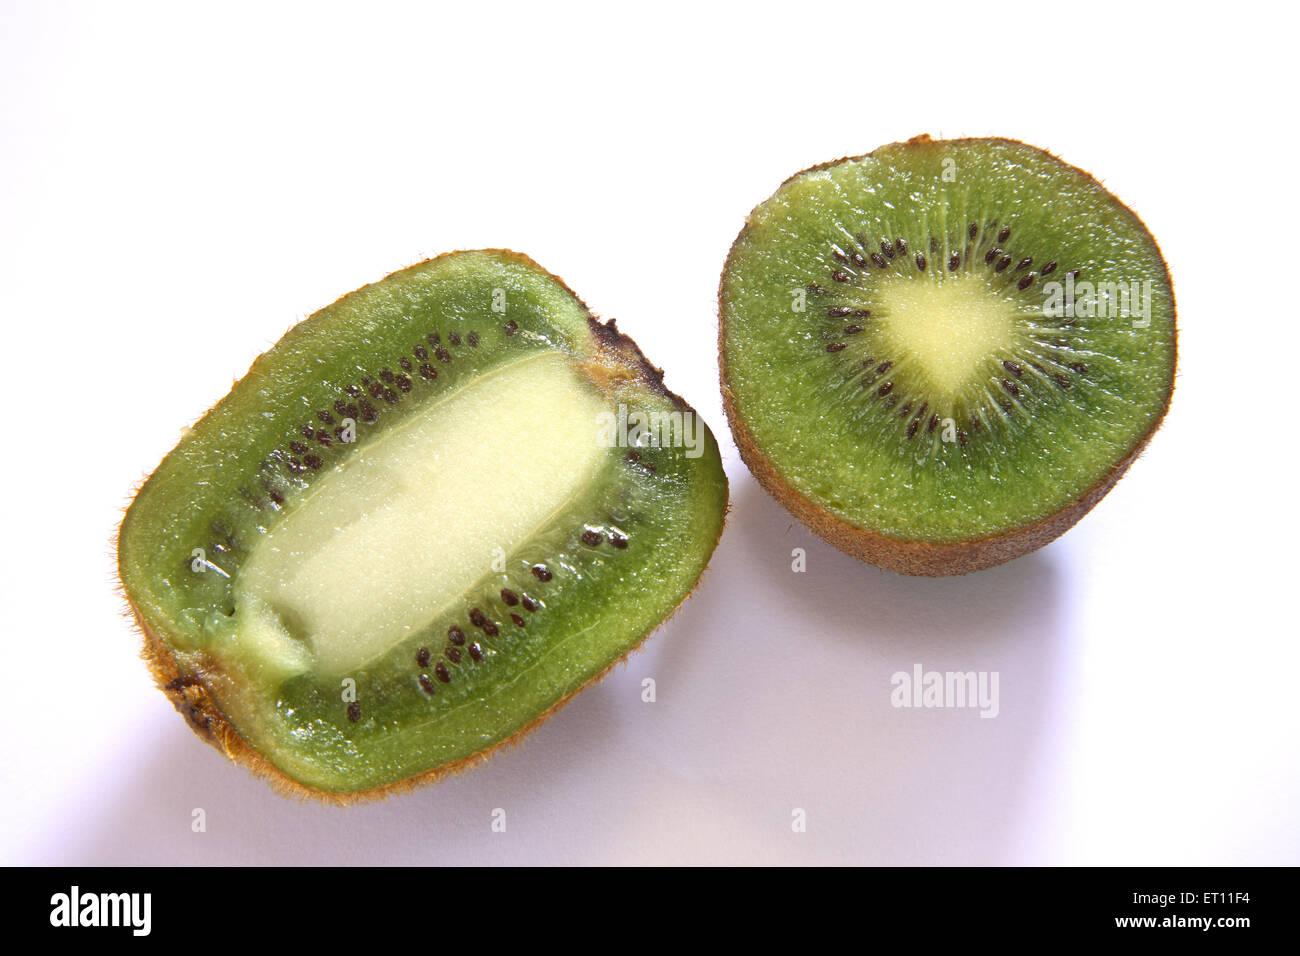 Fruit ; half kiwi on white background - Stock Image